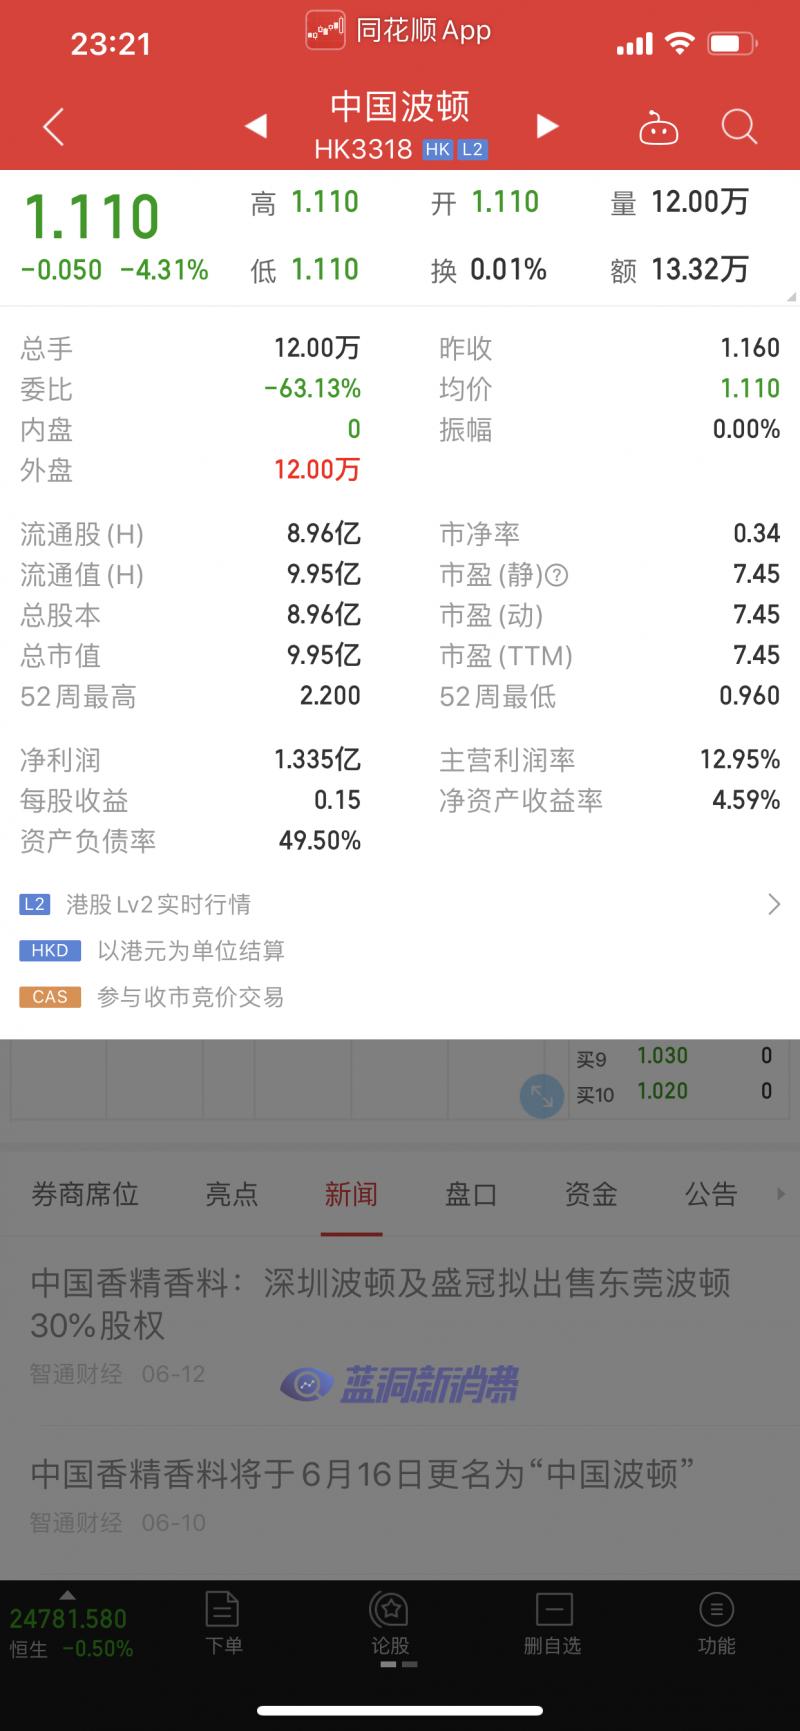 中国香精香料将上市名称更名为中国波顿,出售东莞波顿30%股份